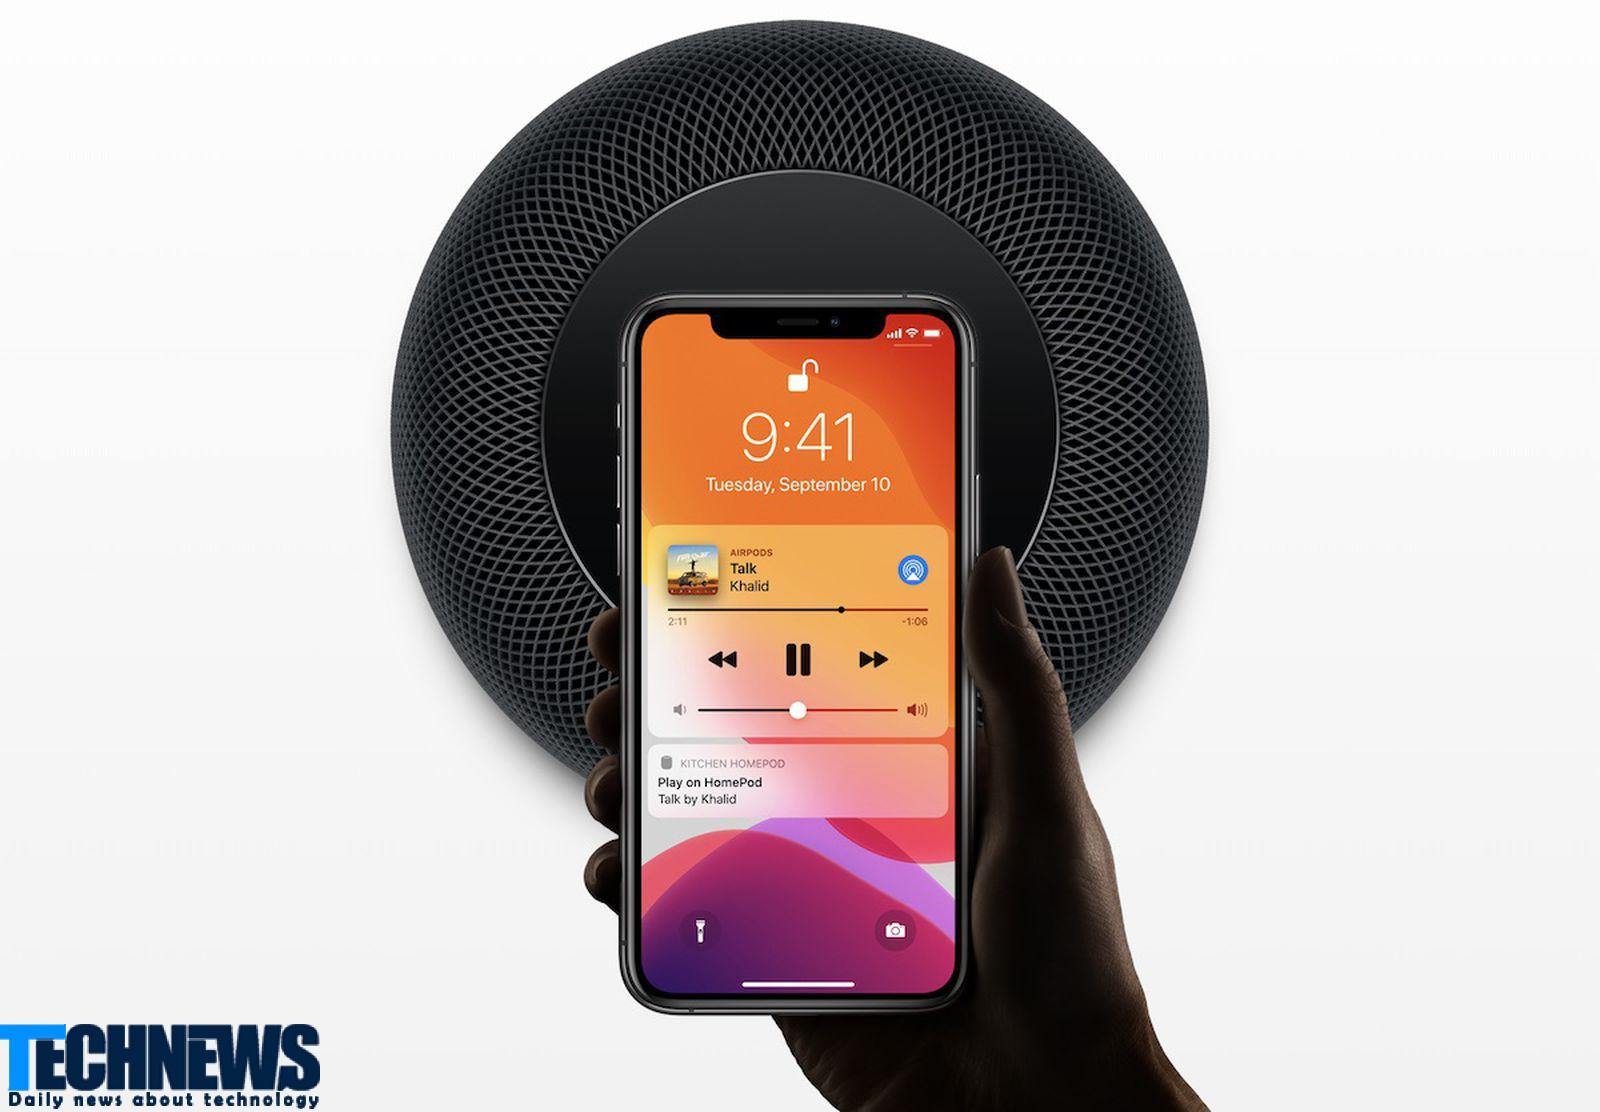 امکان پخش صداهای درخواستی کاربر توسط دستیار هوشمند اپل